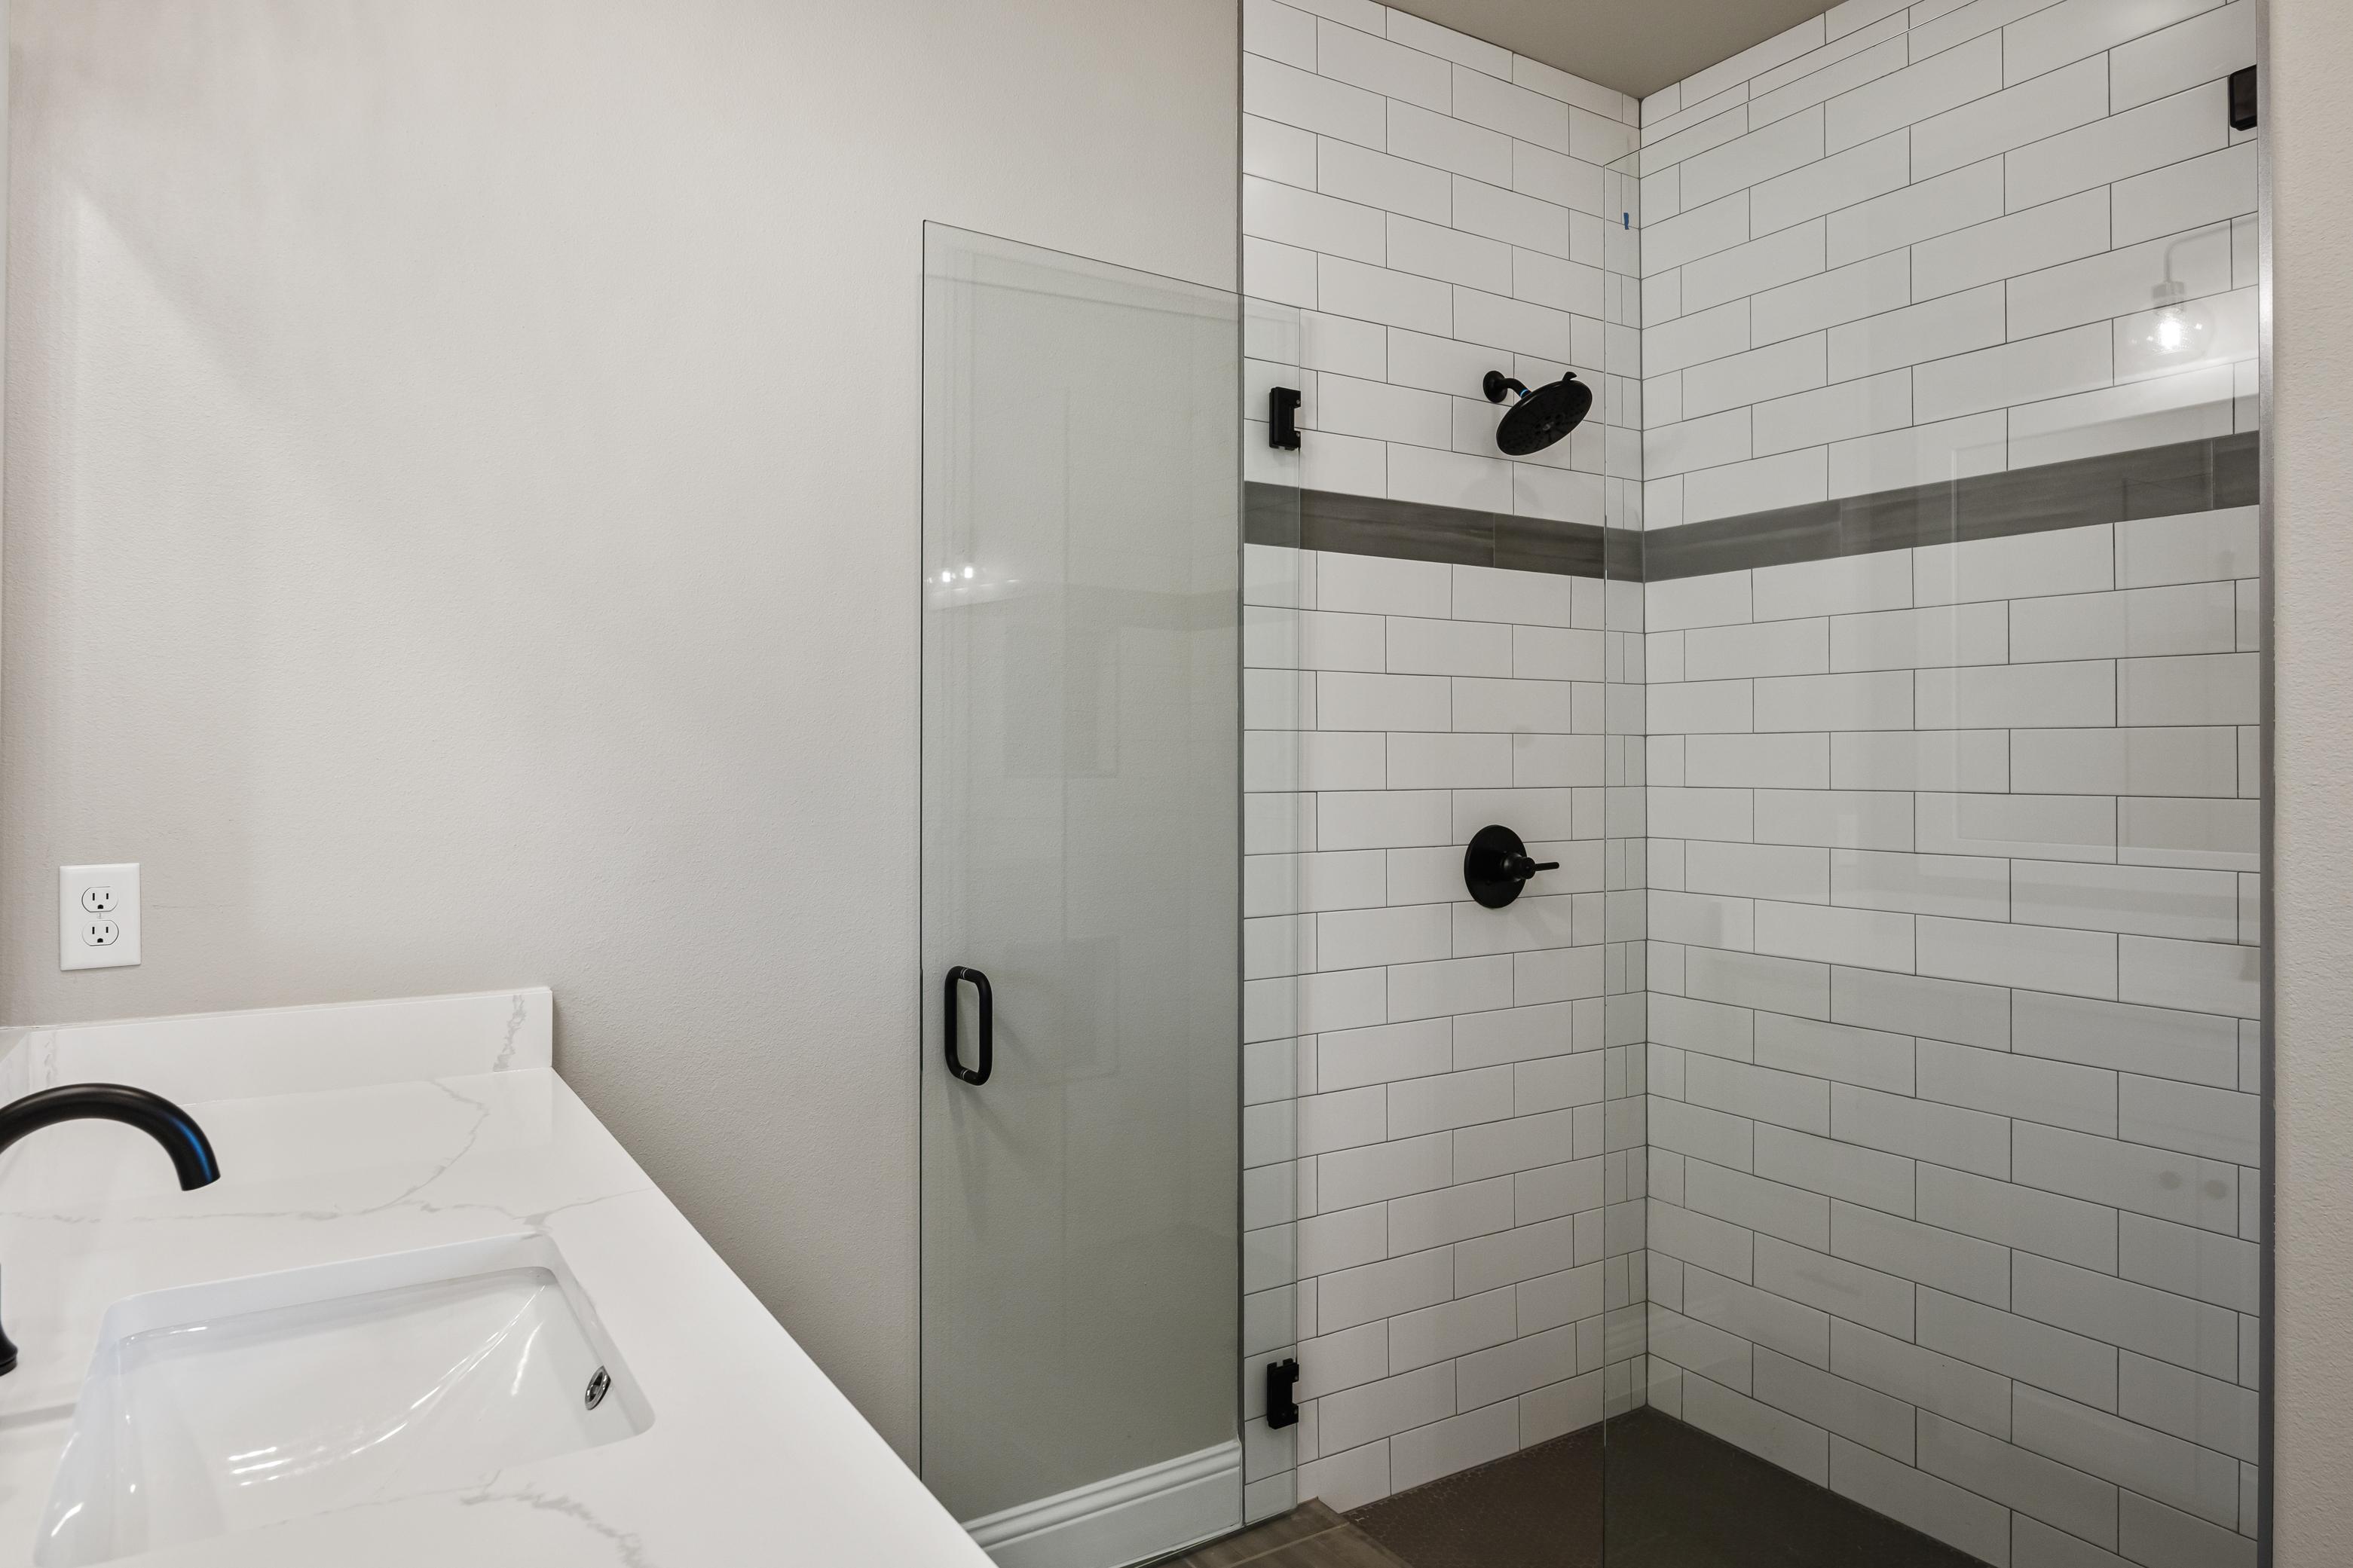 https://0201.nccdn.net/1_2/000/000/0e5/a81/master-shower.jpg